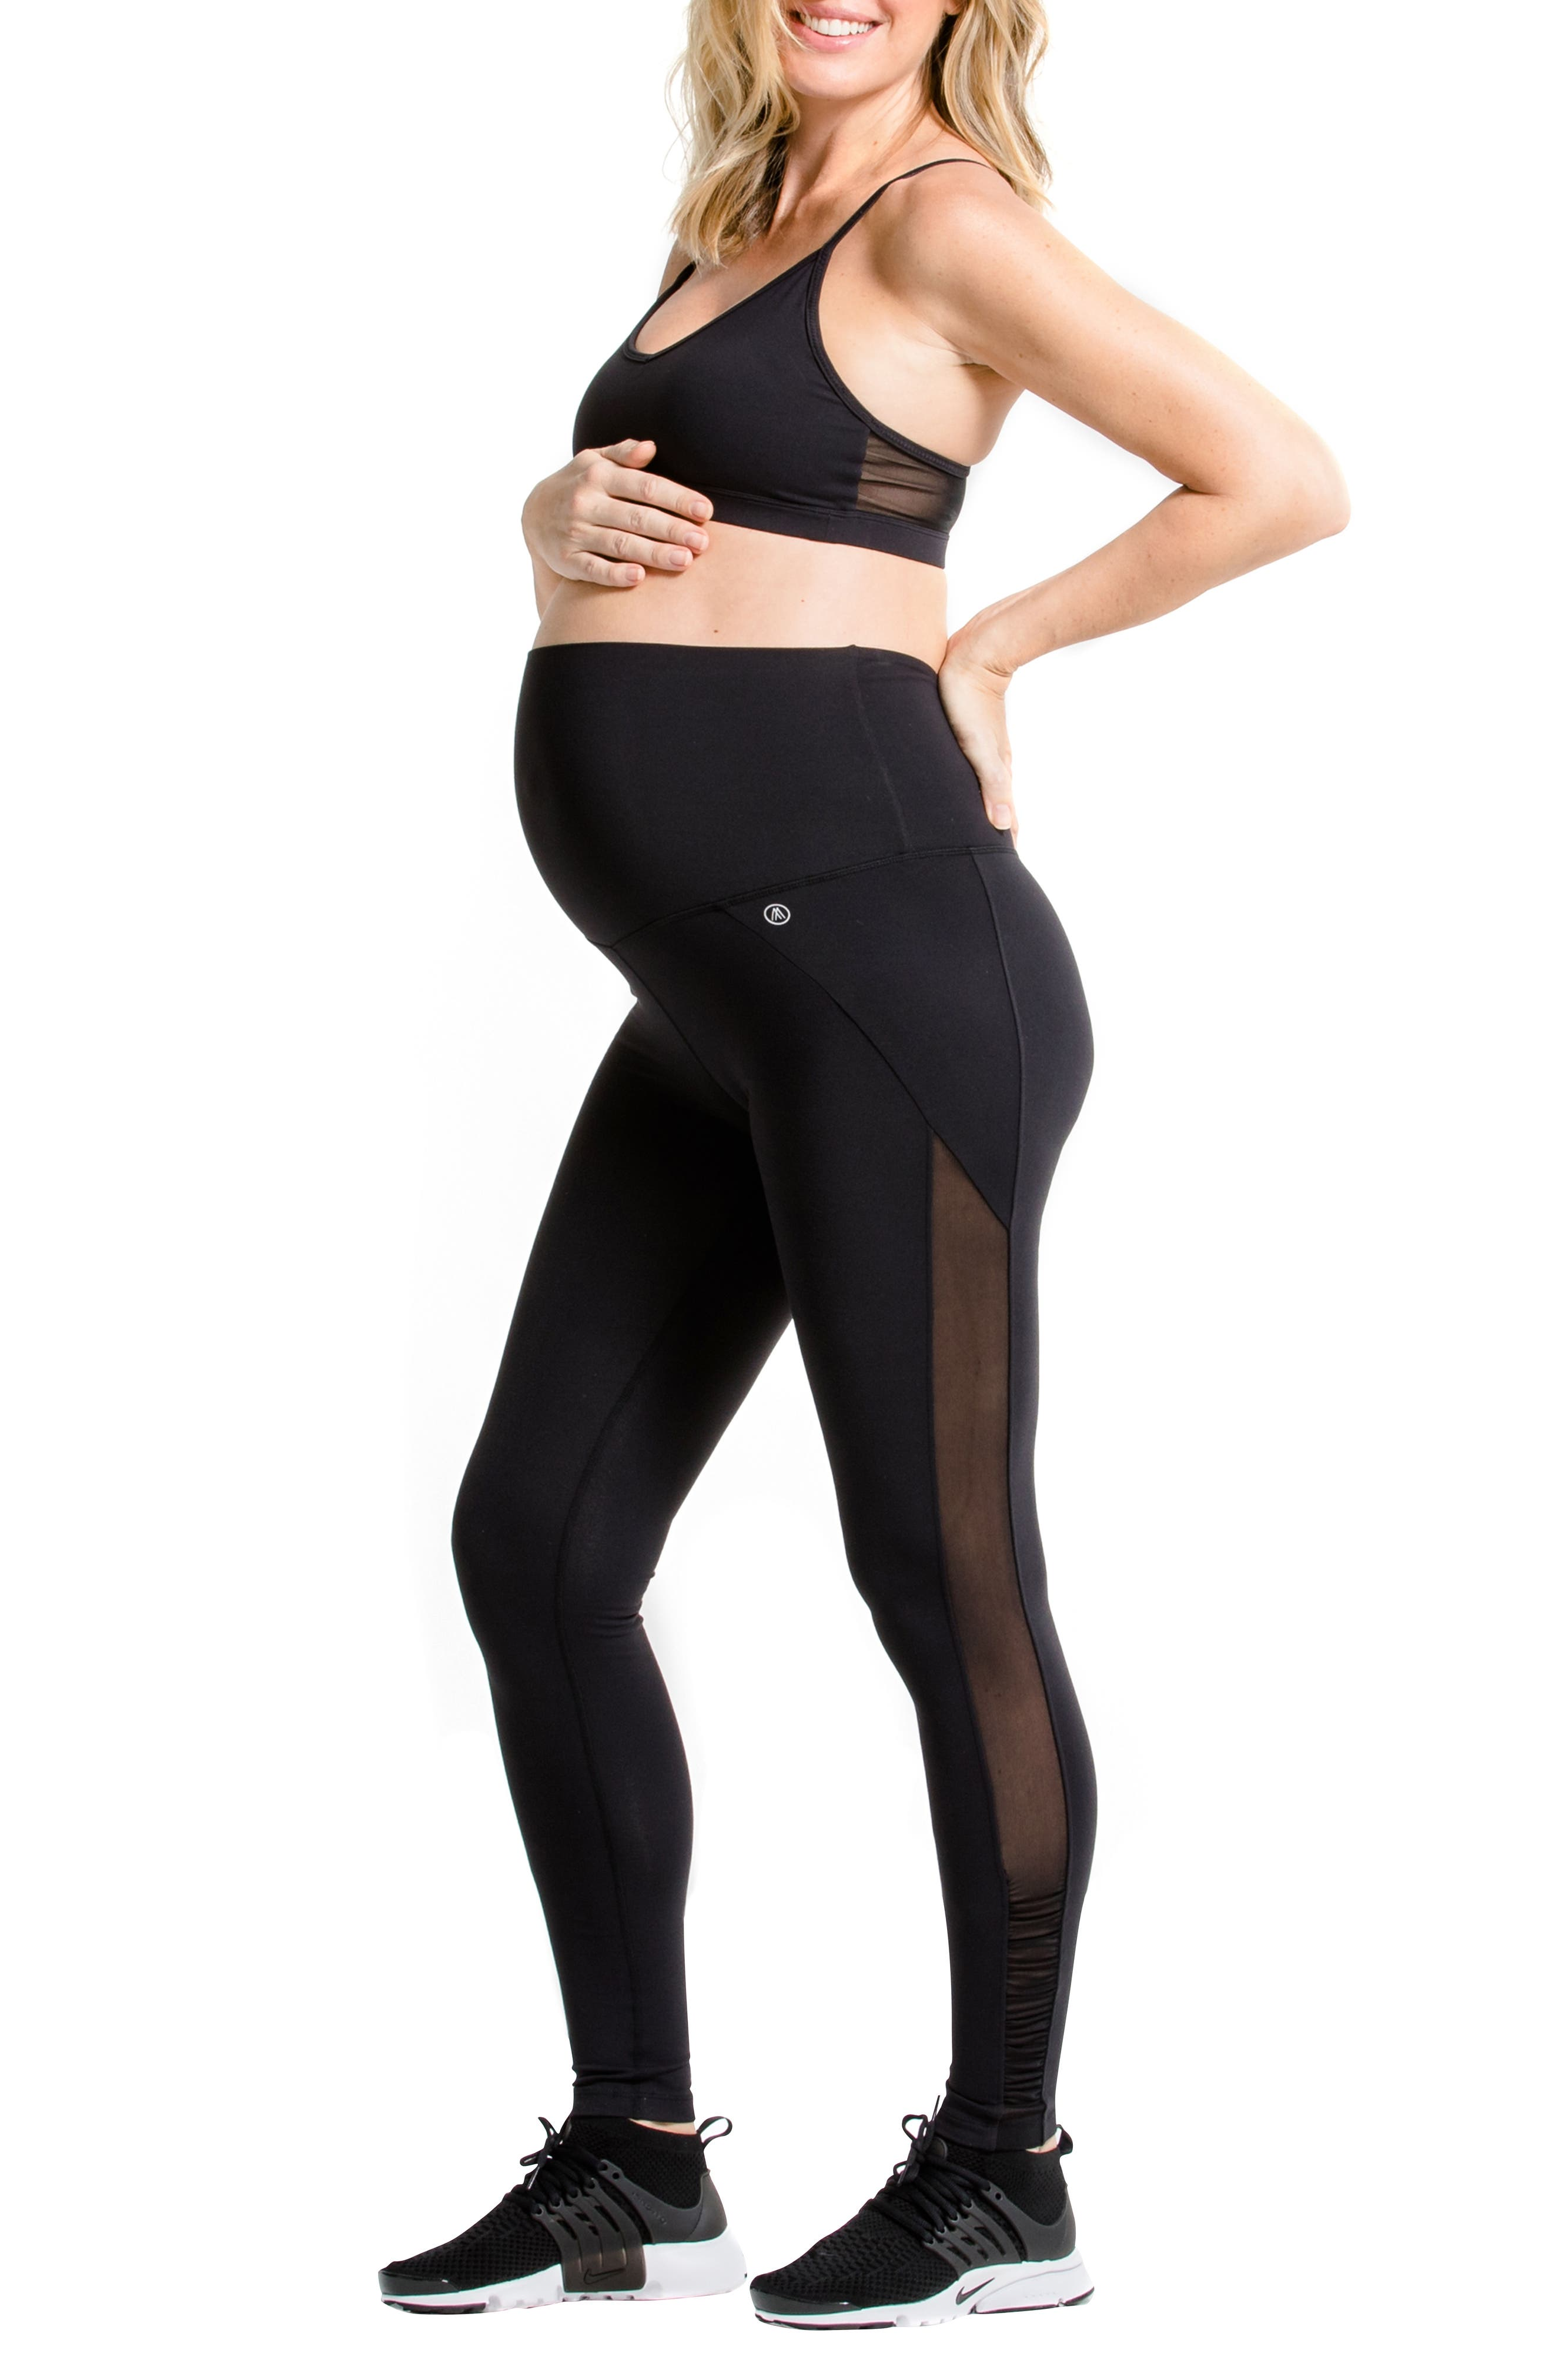 AMARI Juno Maternity Leggings